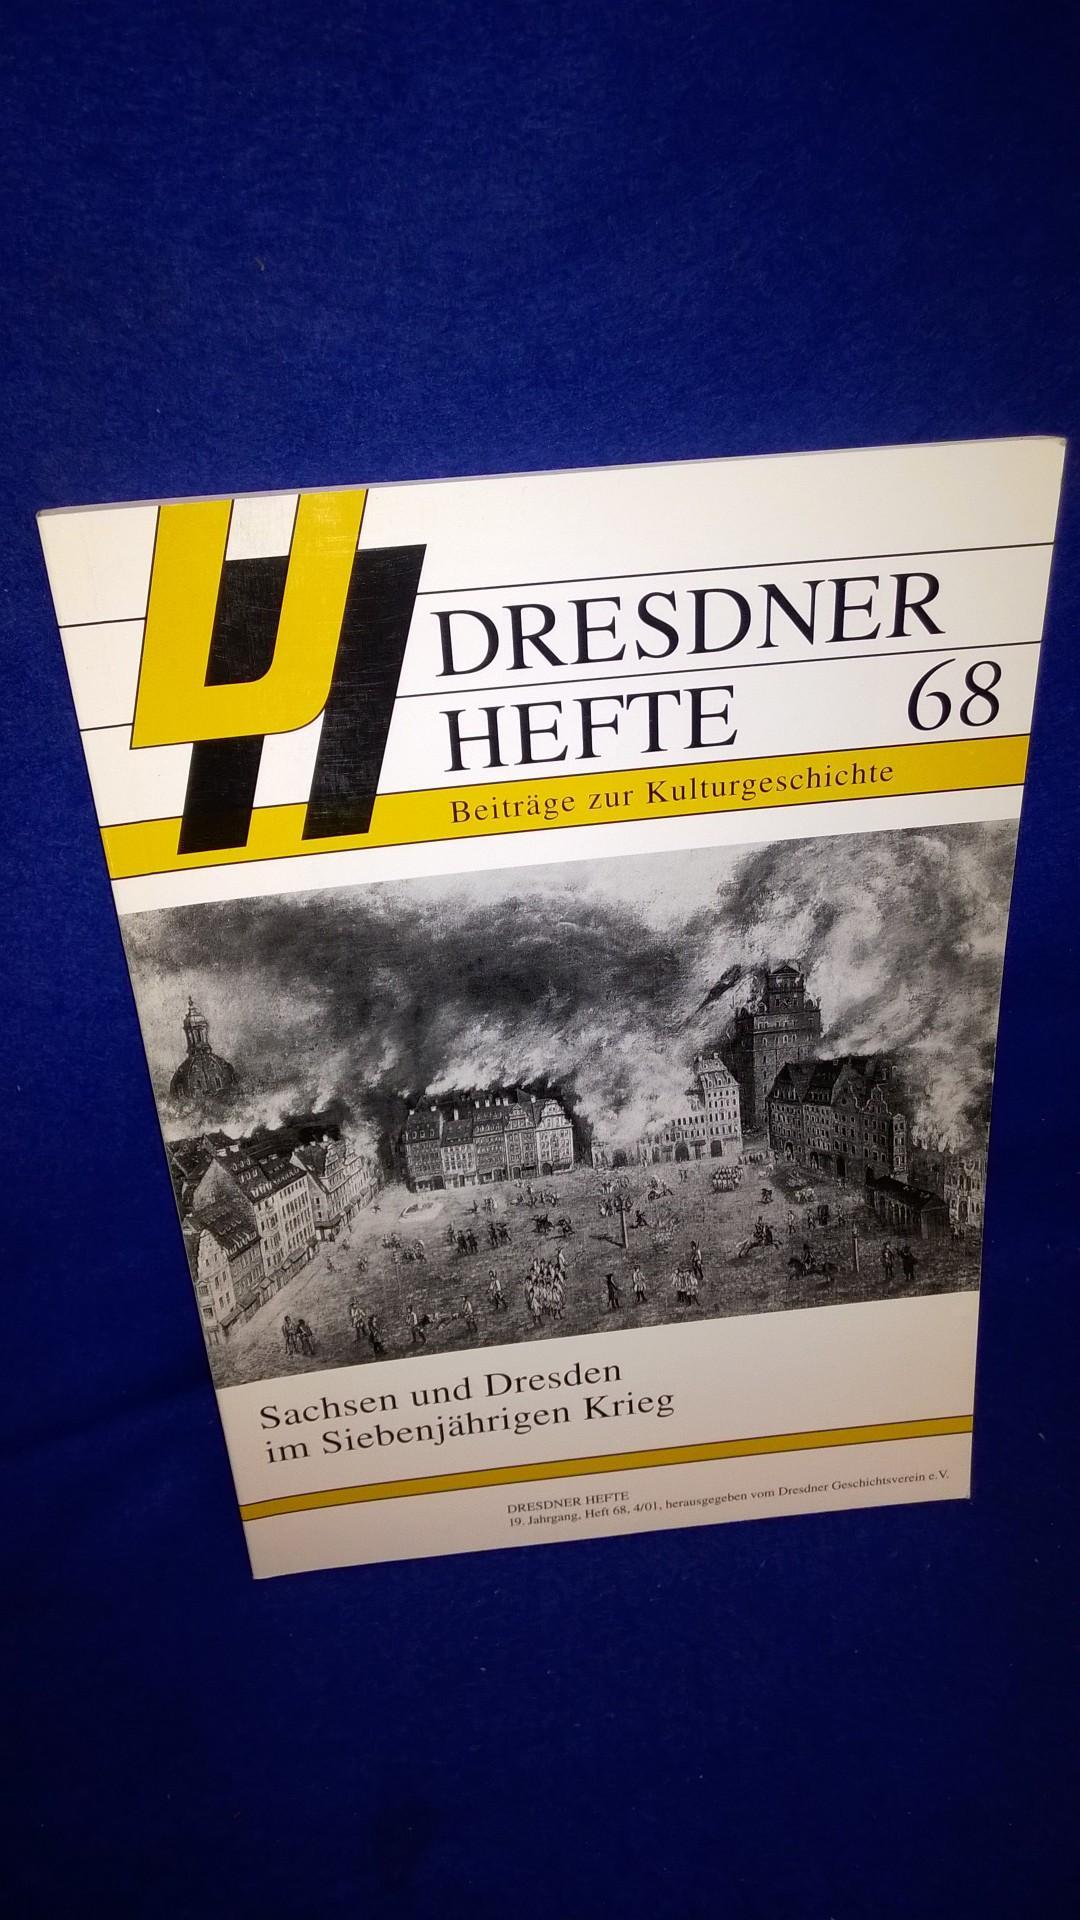 Dresdner Hefte 68. Sachsen und Dresden im Siebenjährigen Krieg.